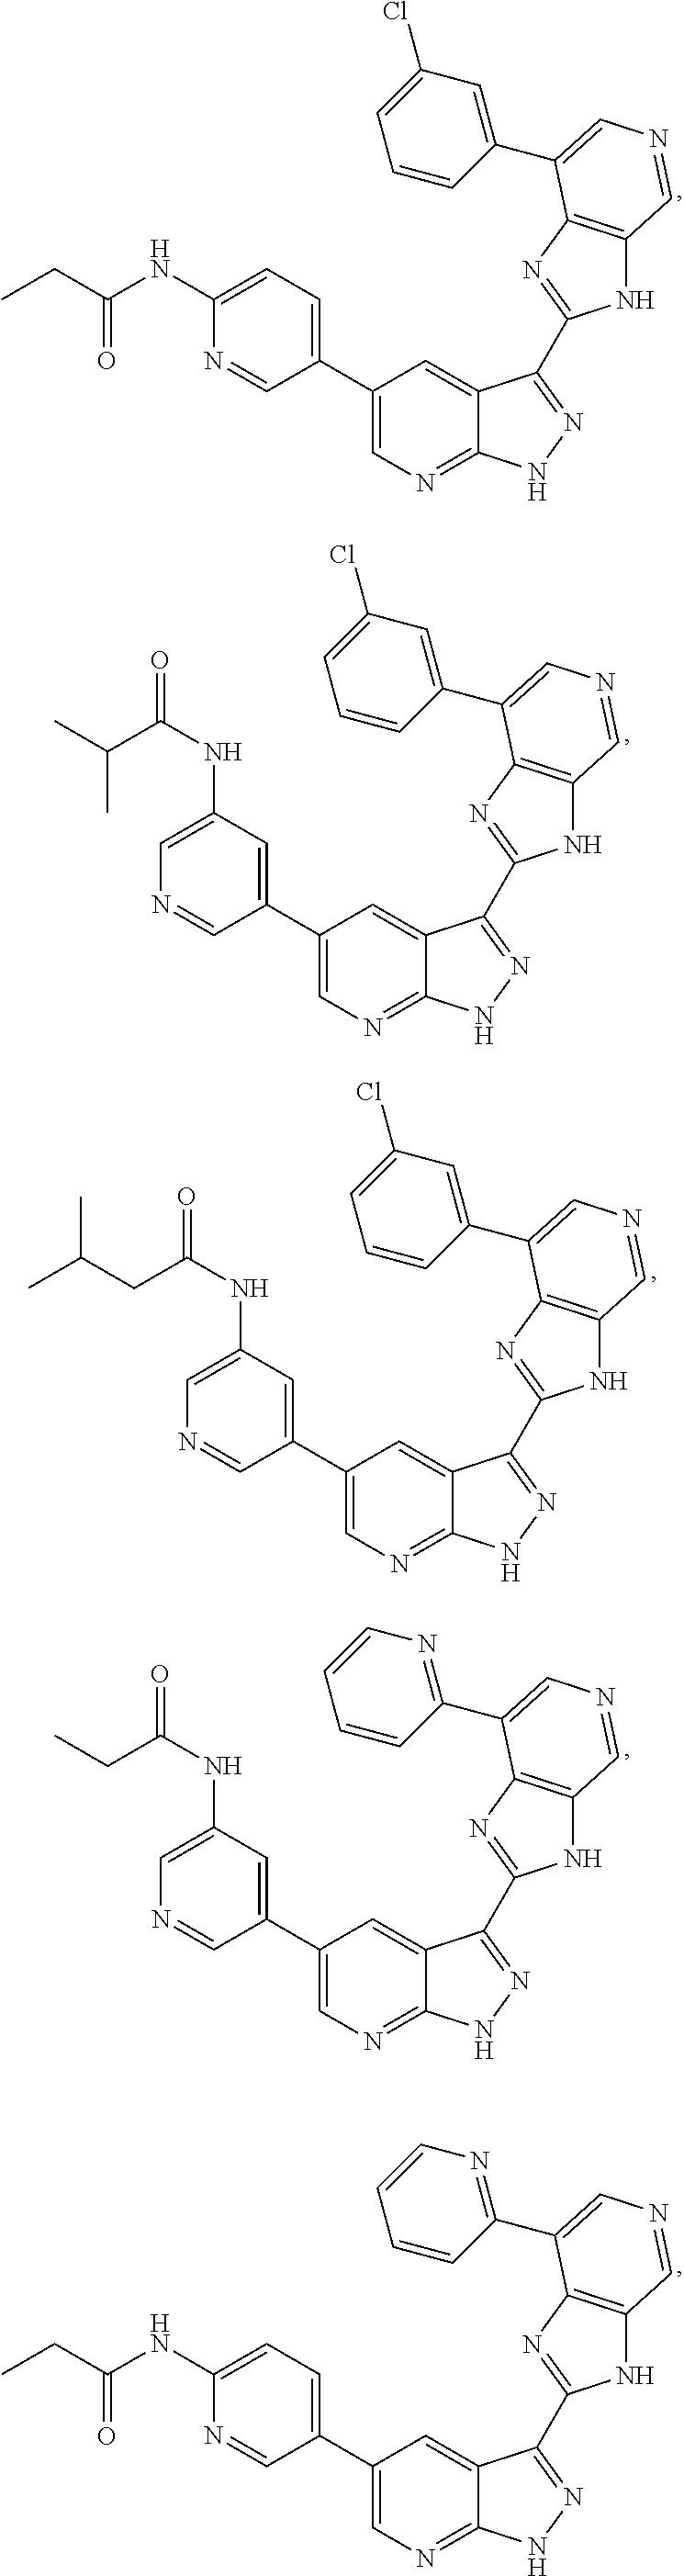 Figure US08618128-20131231-C00005